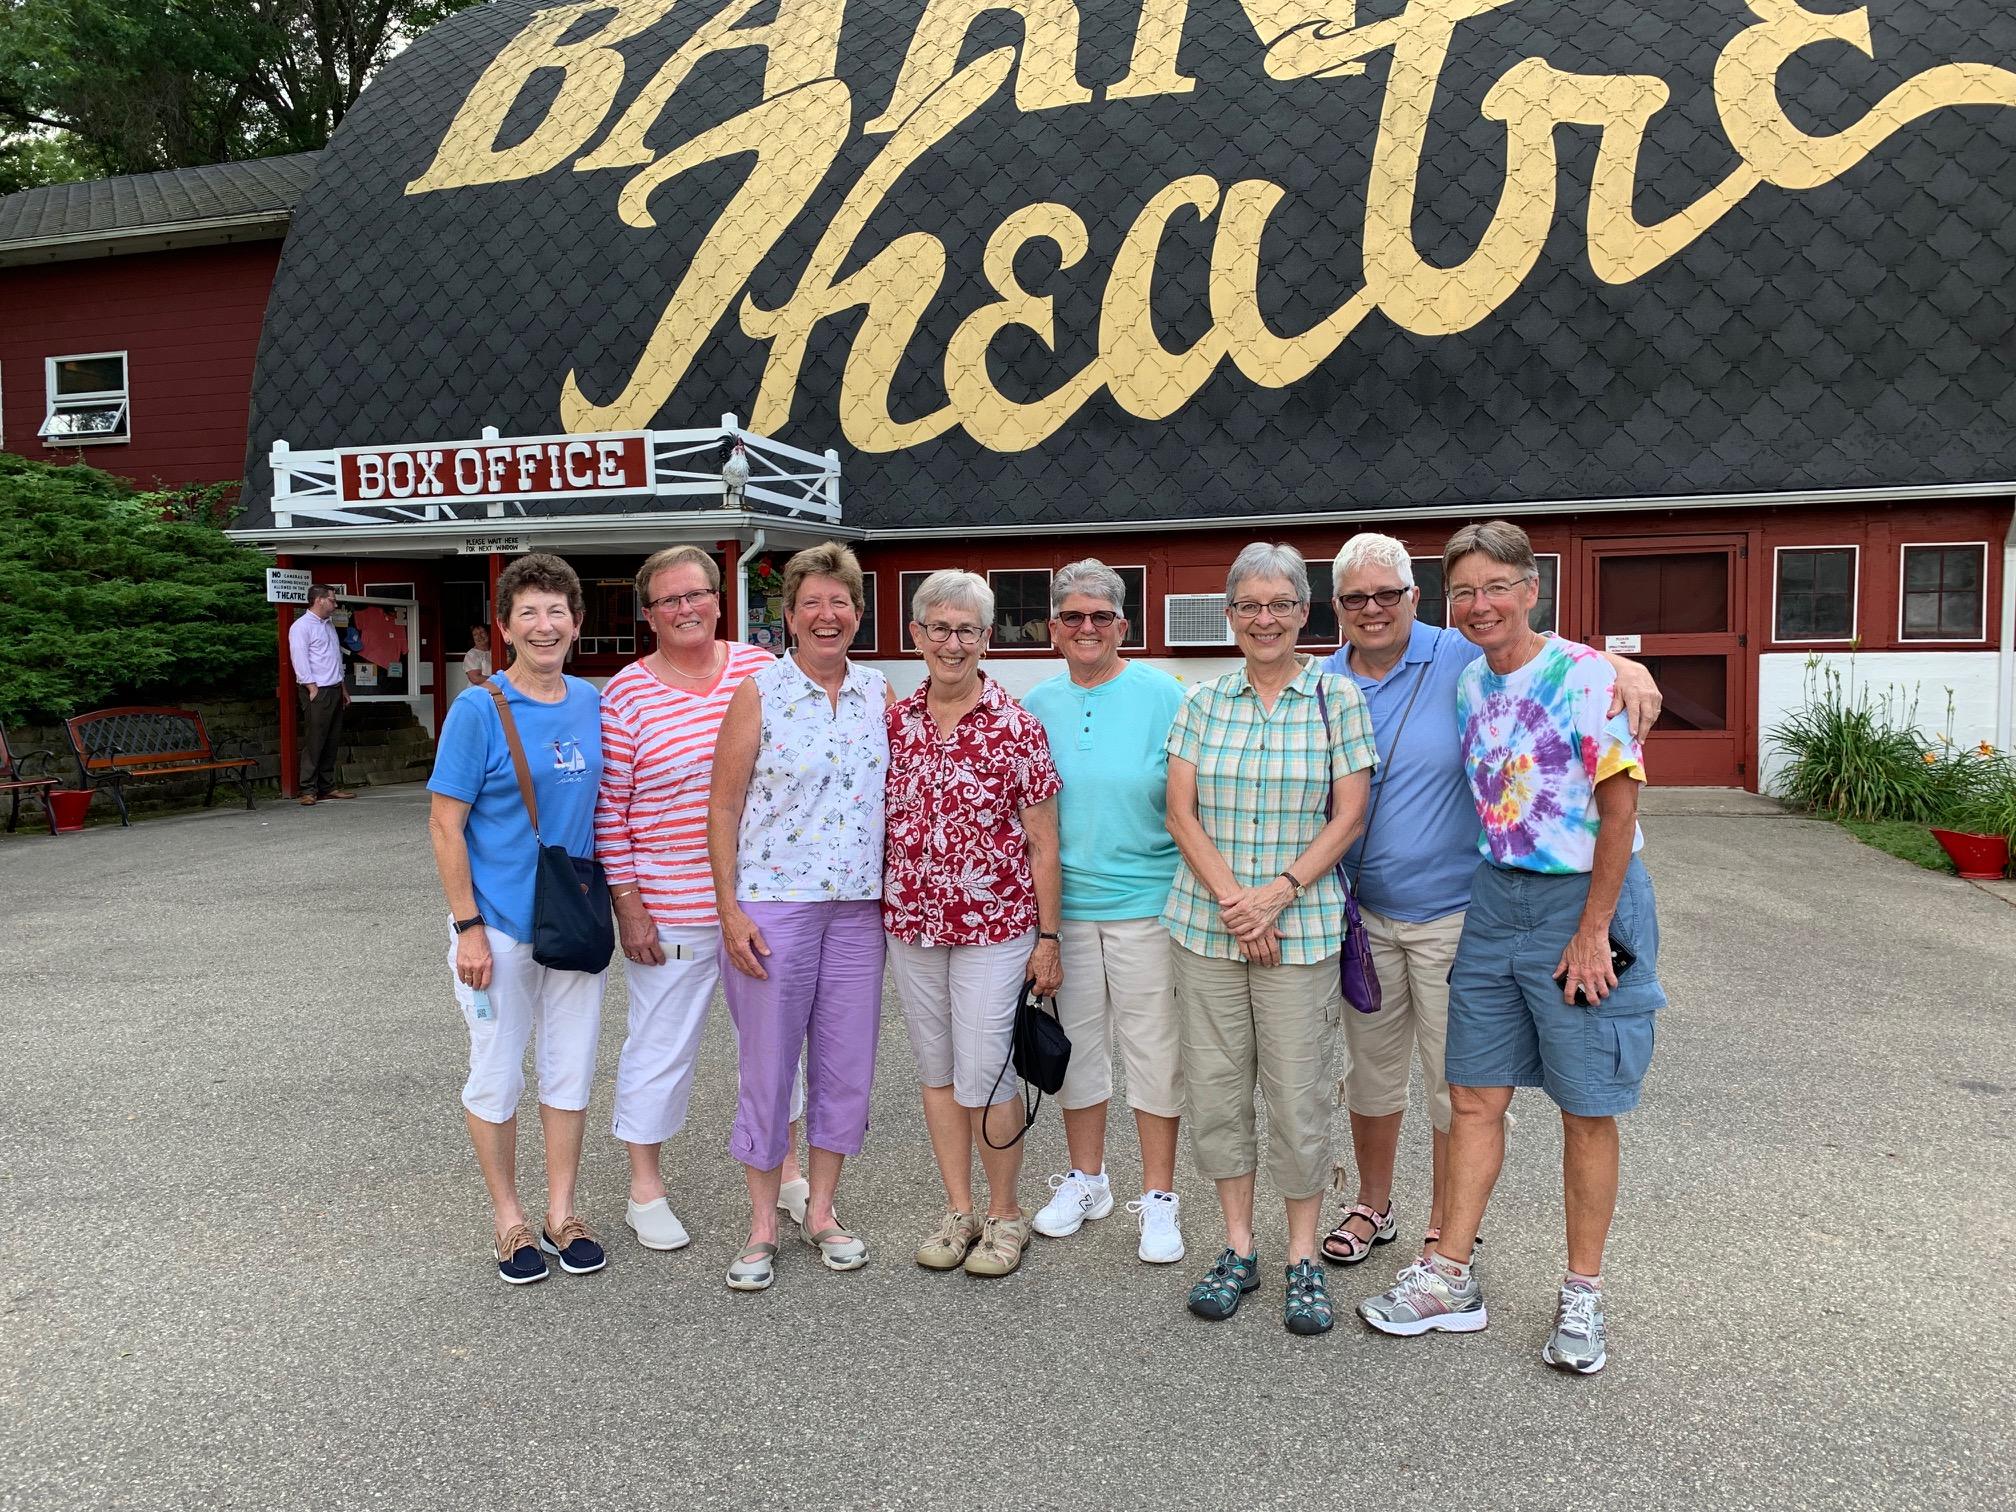 Group at the Barn